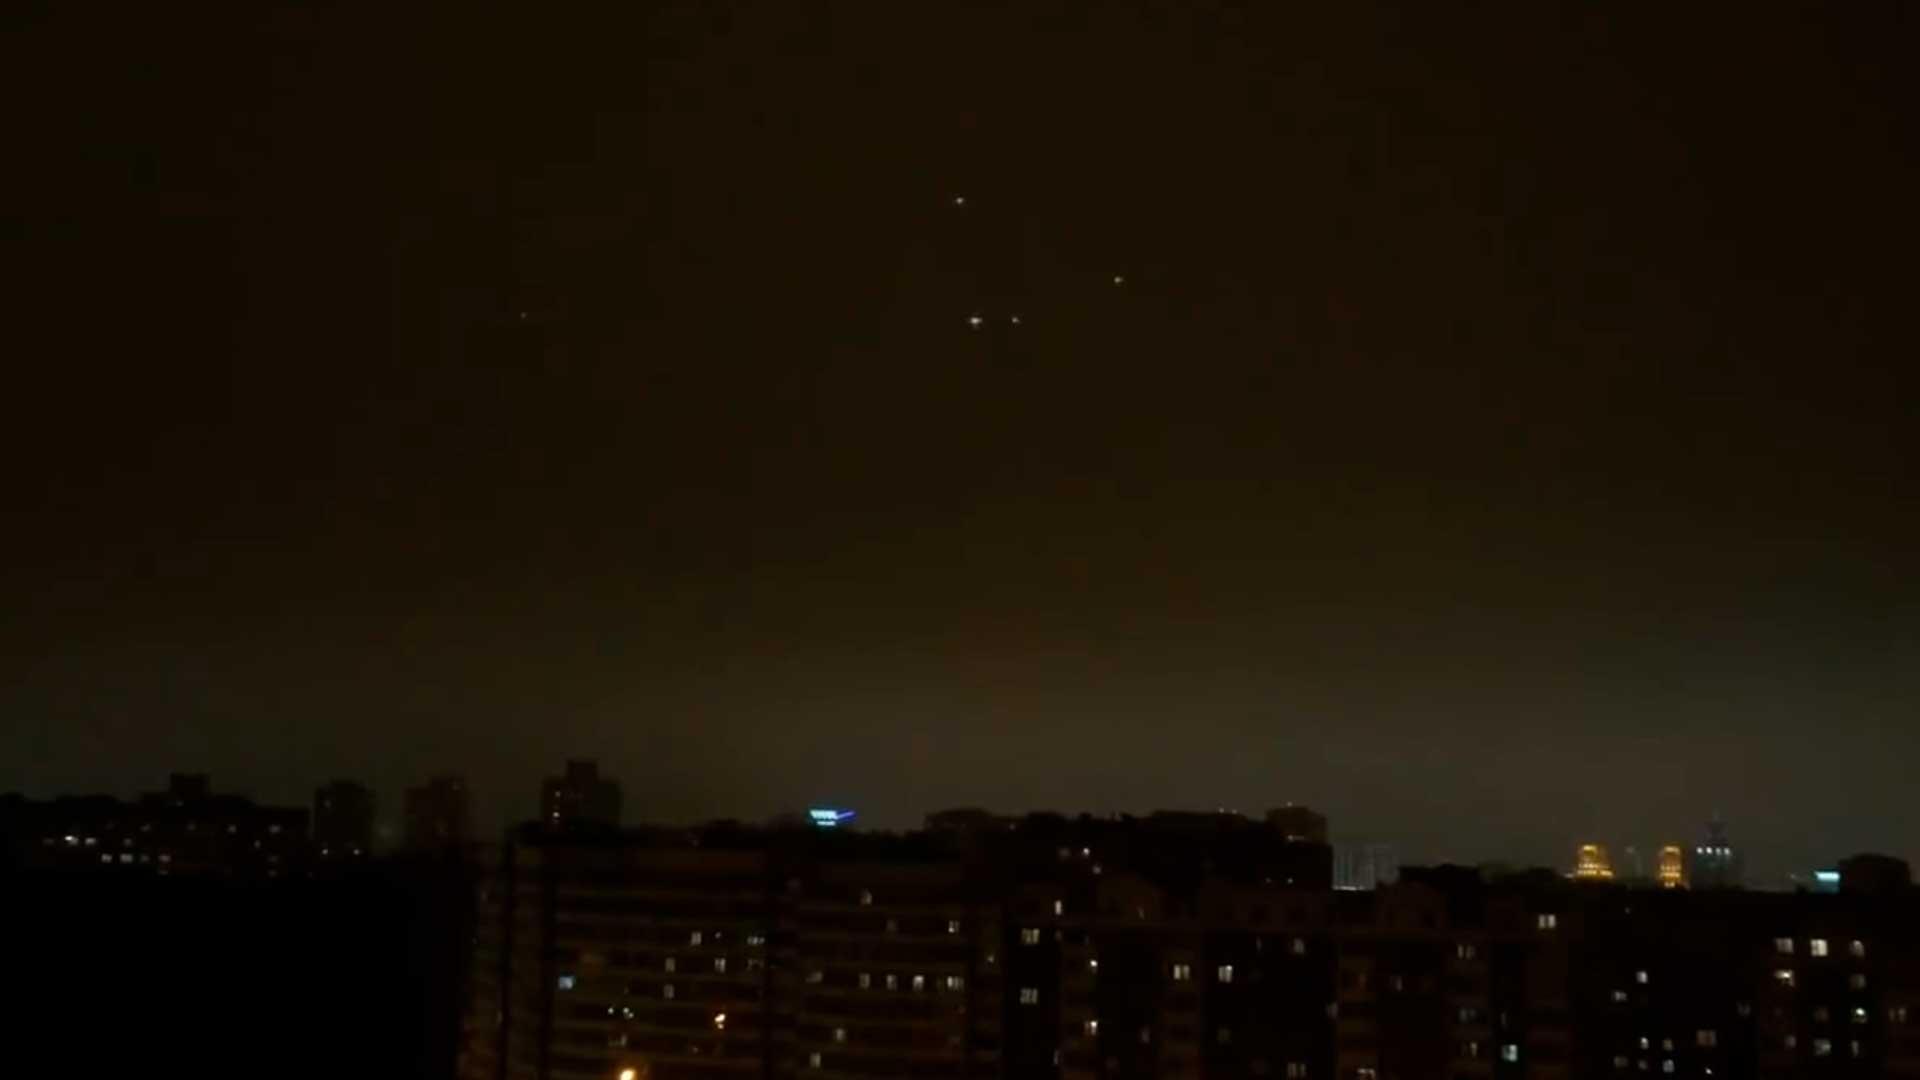 Extraños objetos en el cielo de Minsk, Bielorrusia ¿podrán ser OVNIS?